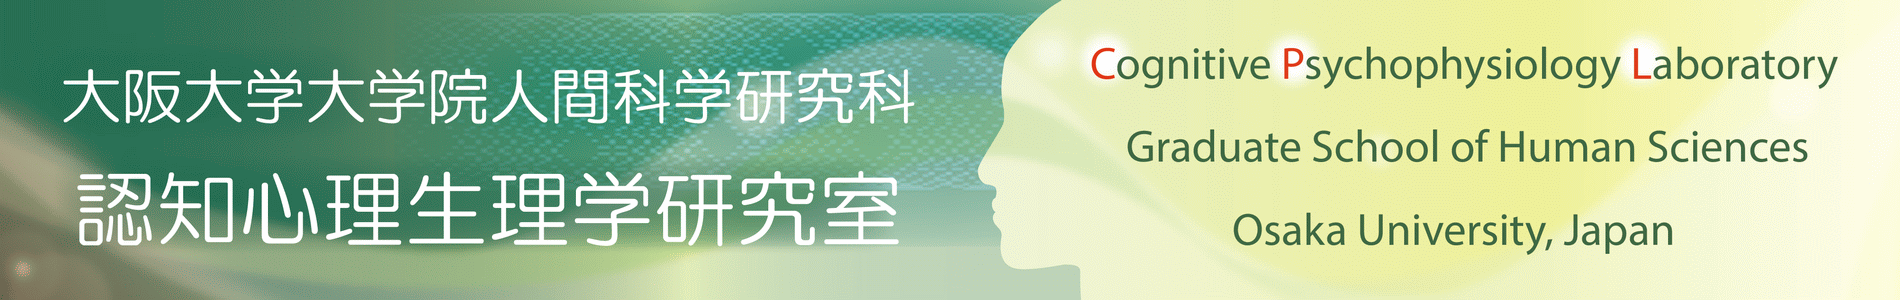 Cognitive Psychophysiology Laboratory